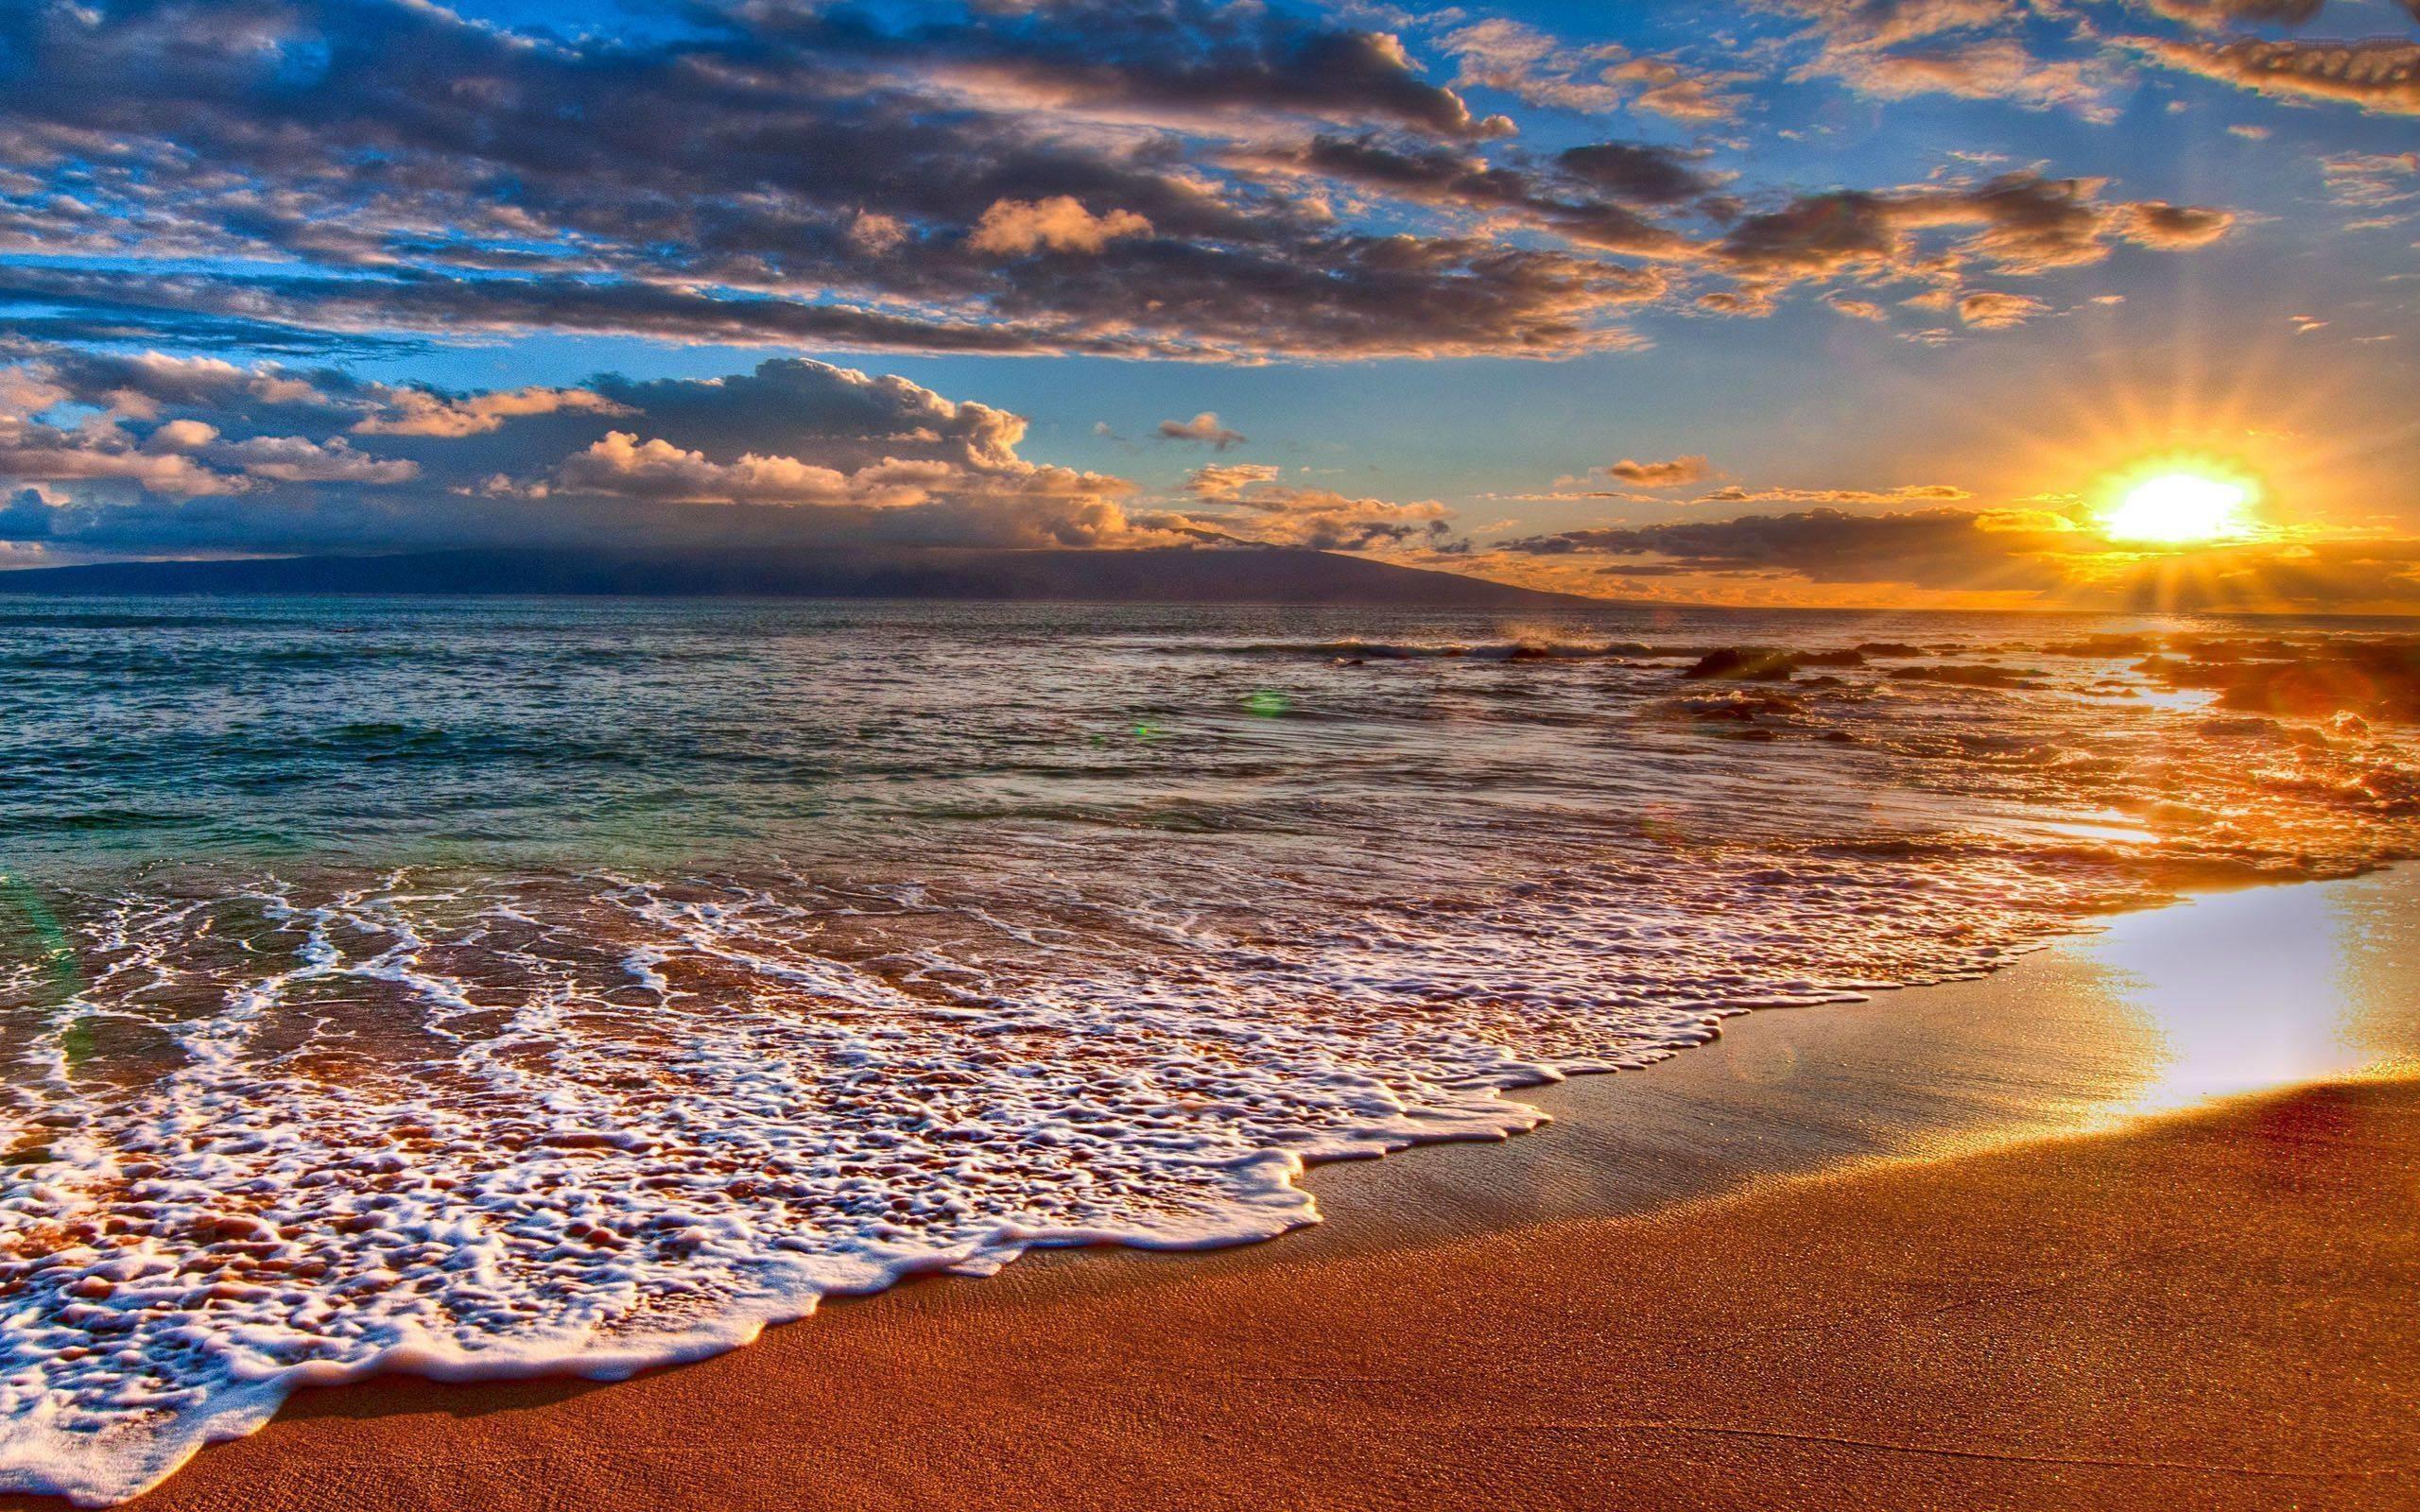 Beach Sunset Wide Desktop Background Wallpaper   Data-src - Beach Background Sun Rise - HD Wallpaper